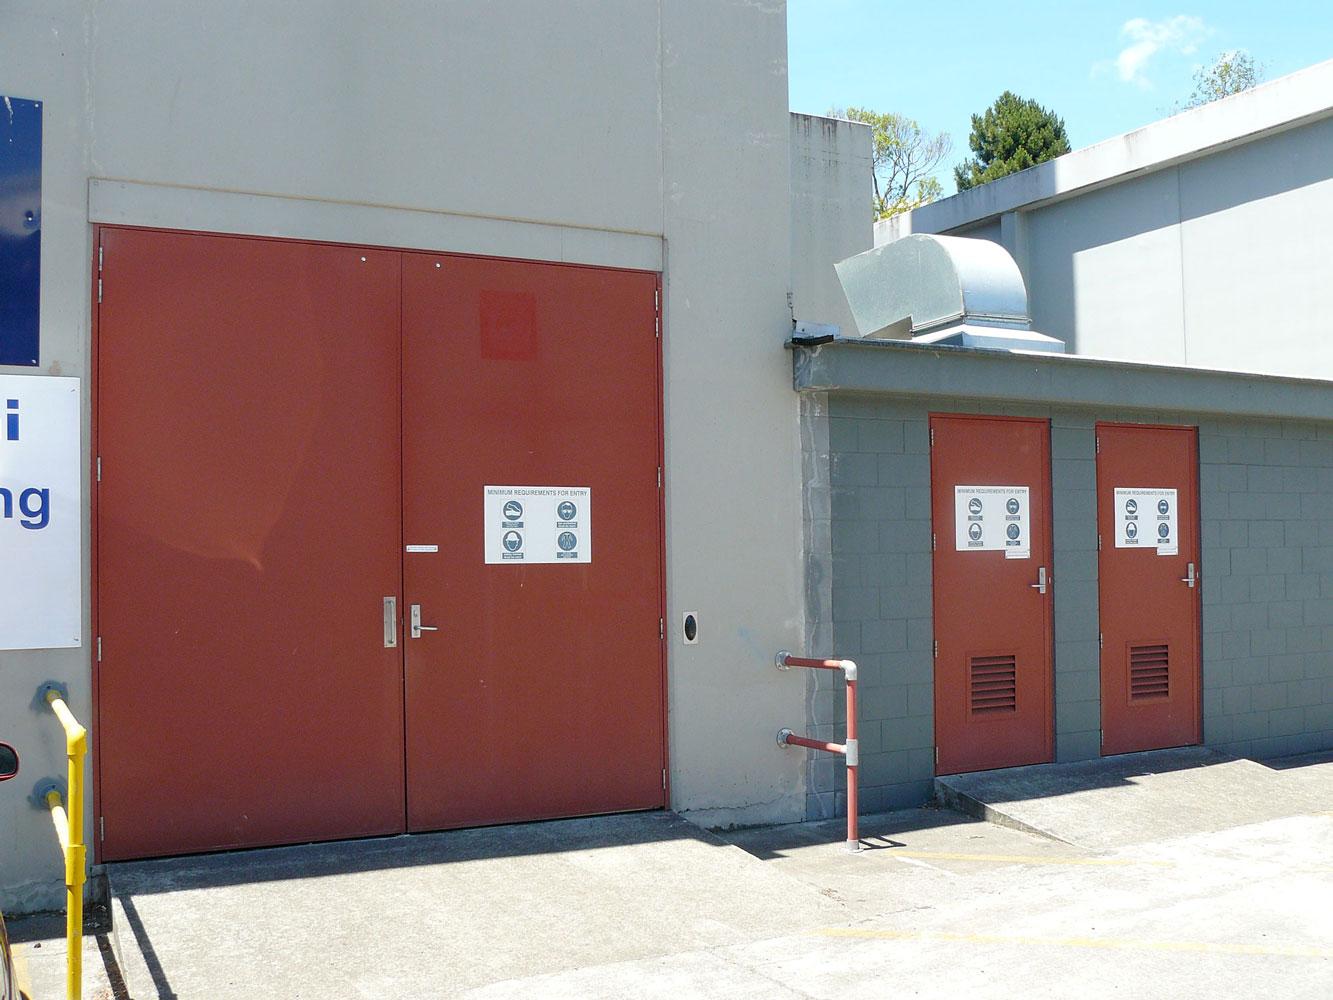 AluJambs with AluLite doors